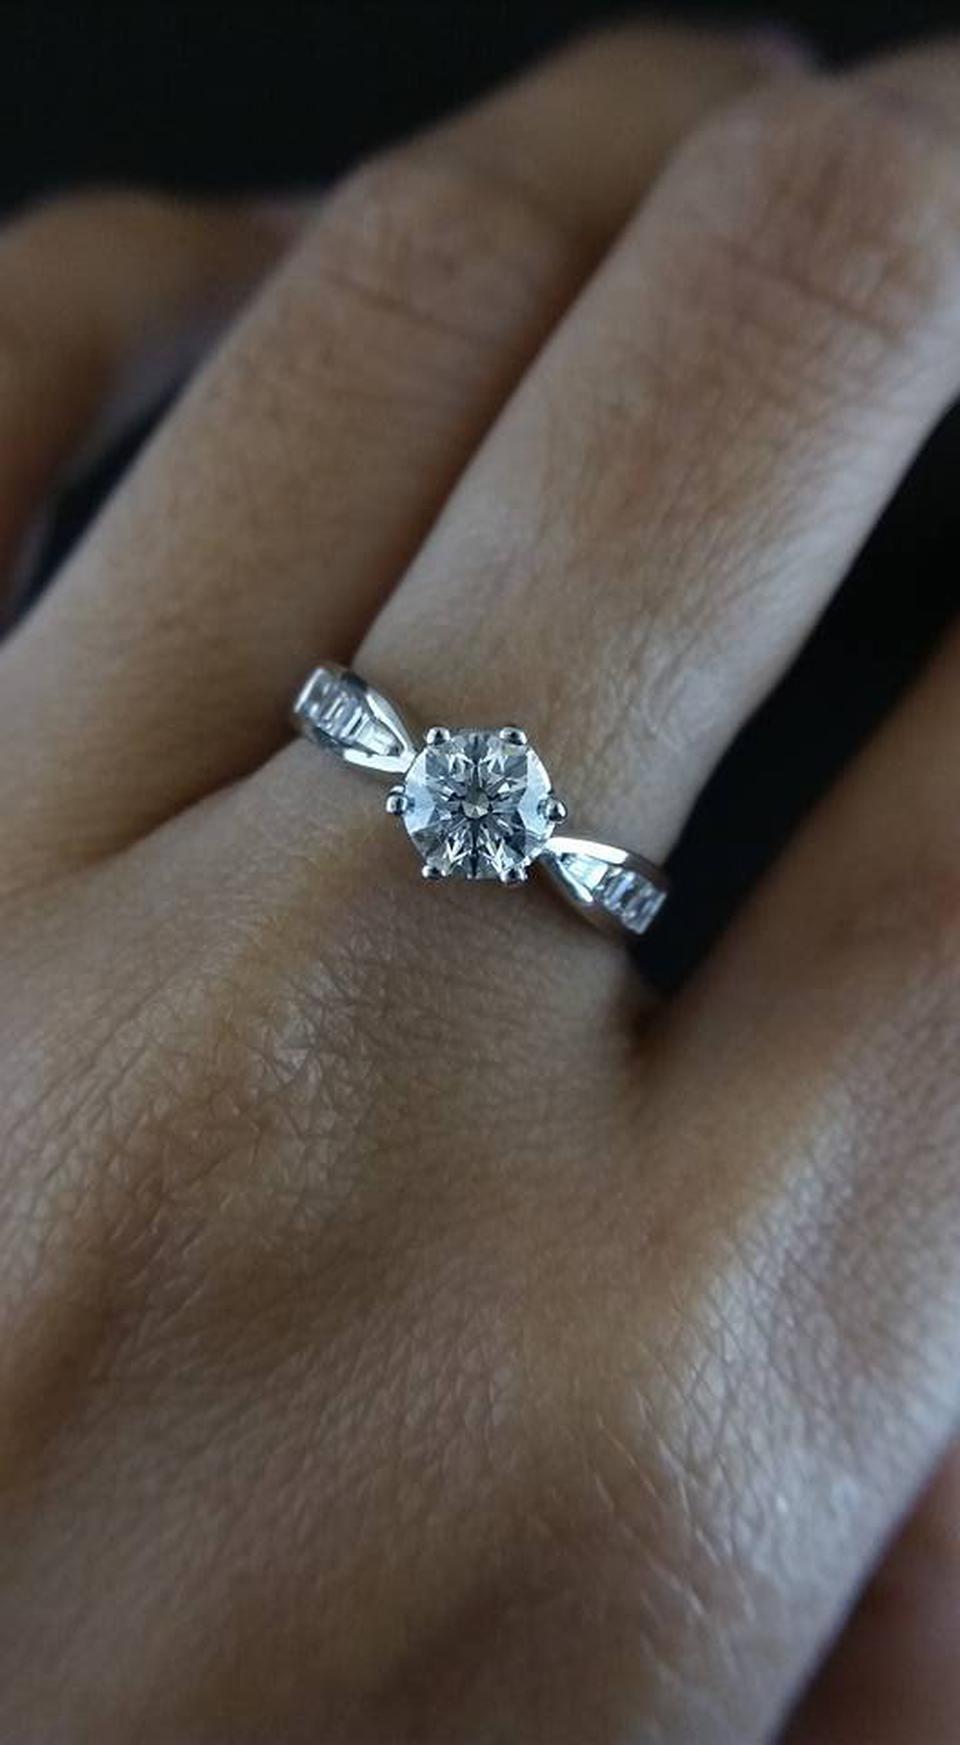 LINK SIAM แหวนเพชร แหวนคู่ แหวนหมั้น รูปที่ 3